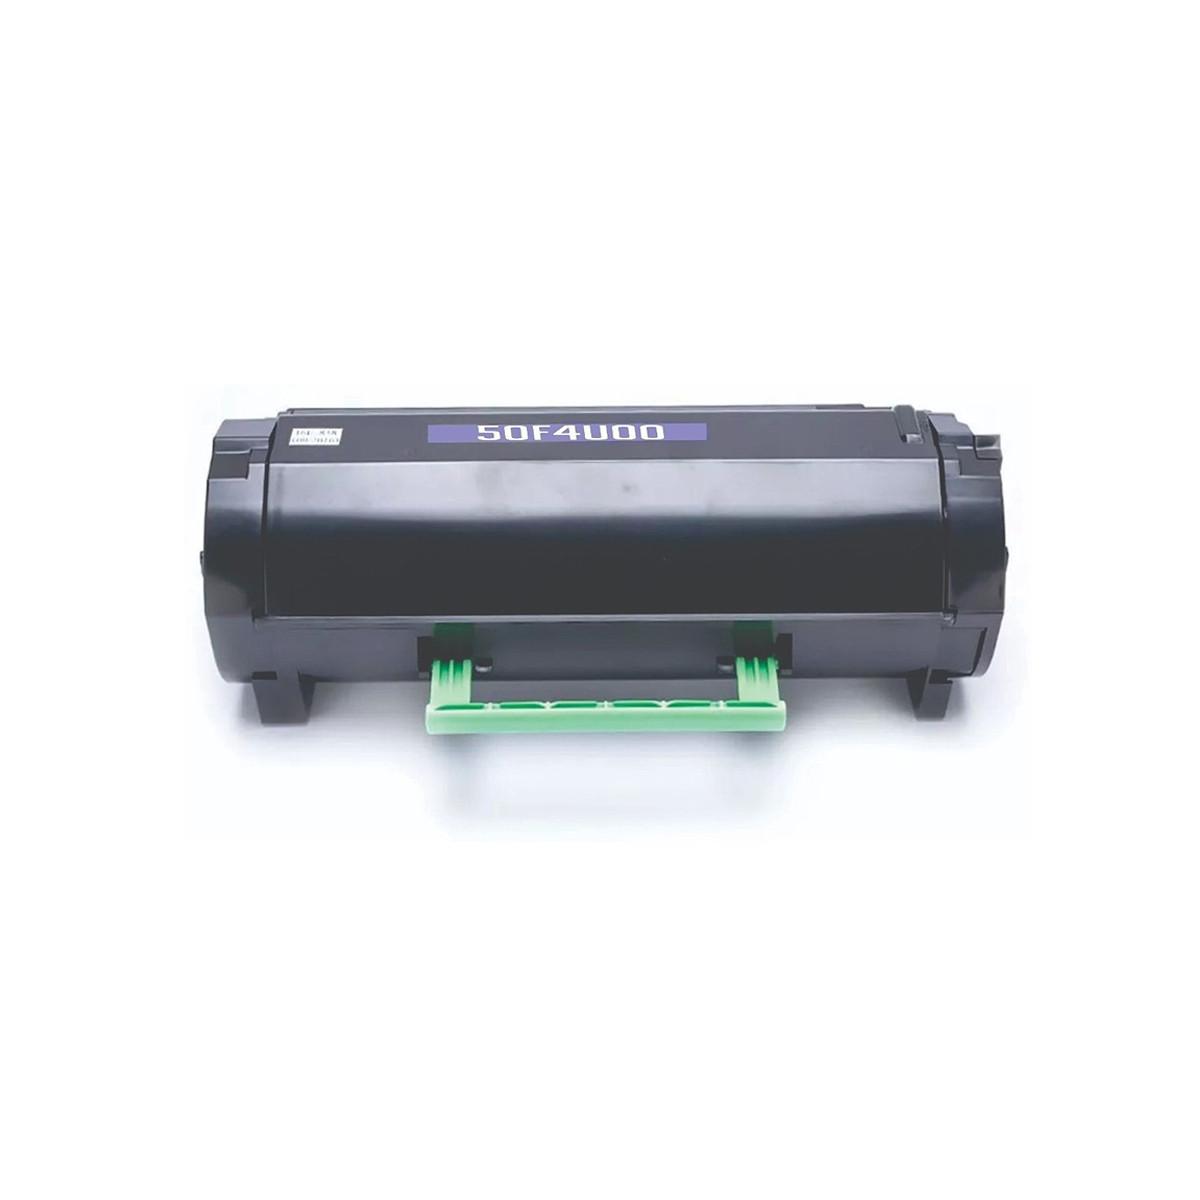 Toner Compatível com Lexmark 504U 50FBU00 | MS610 MS610DE MS610DN 610DE 610DN | Importado 20k